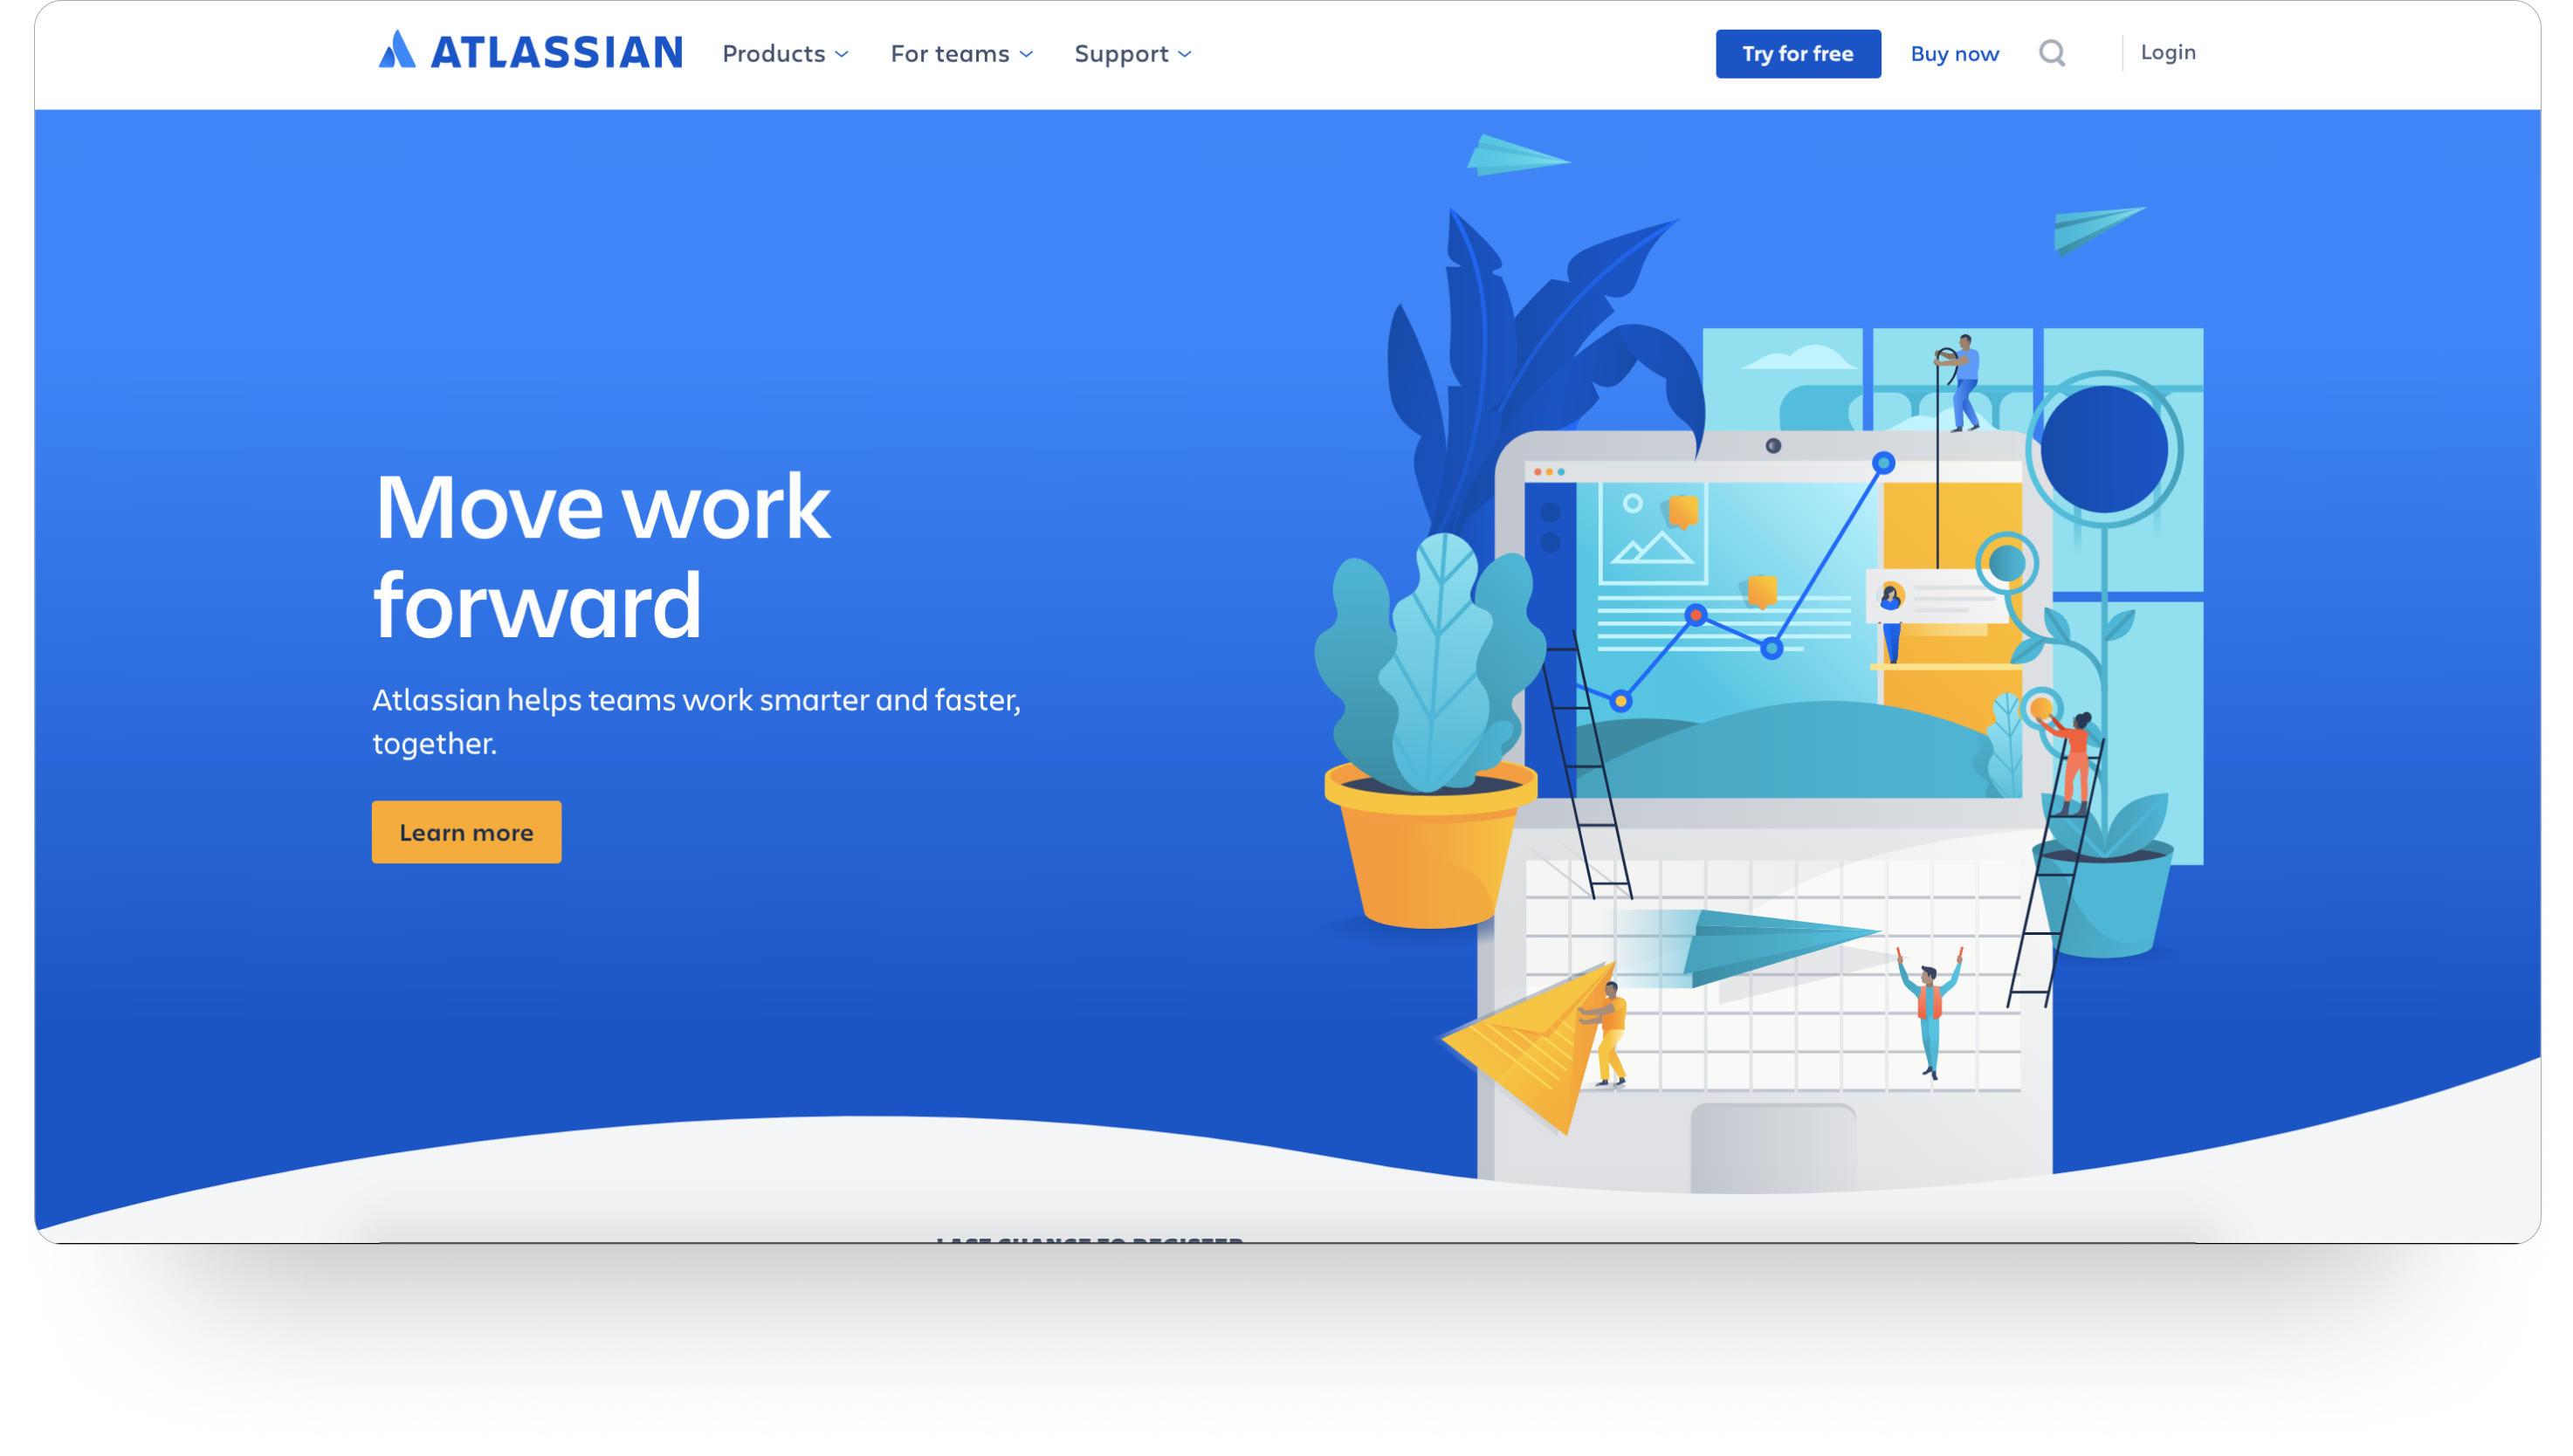 Atlassian CTA按钮